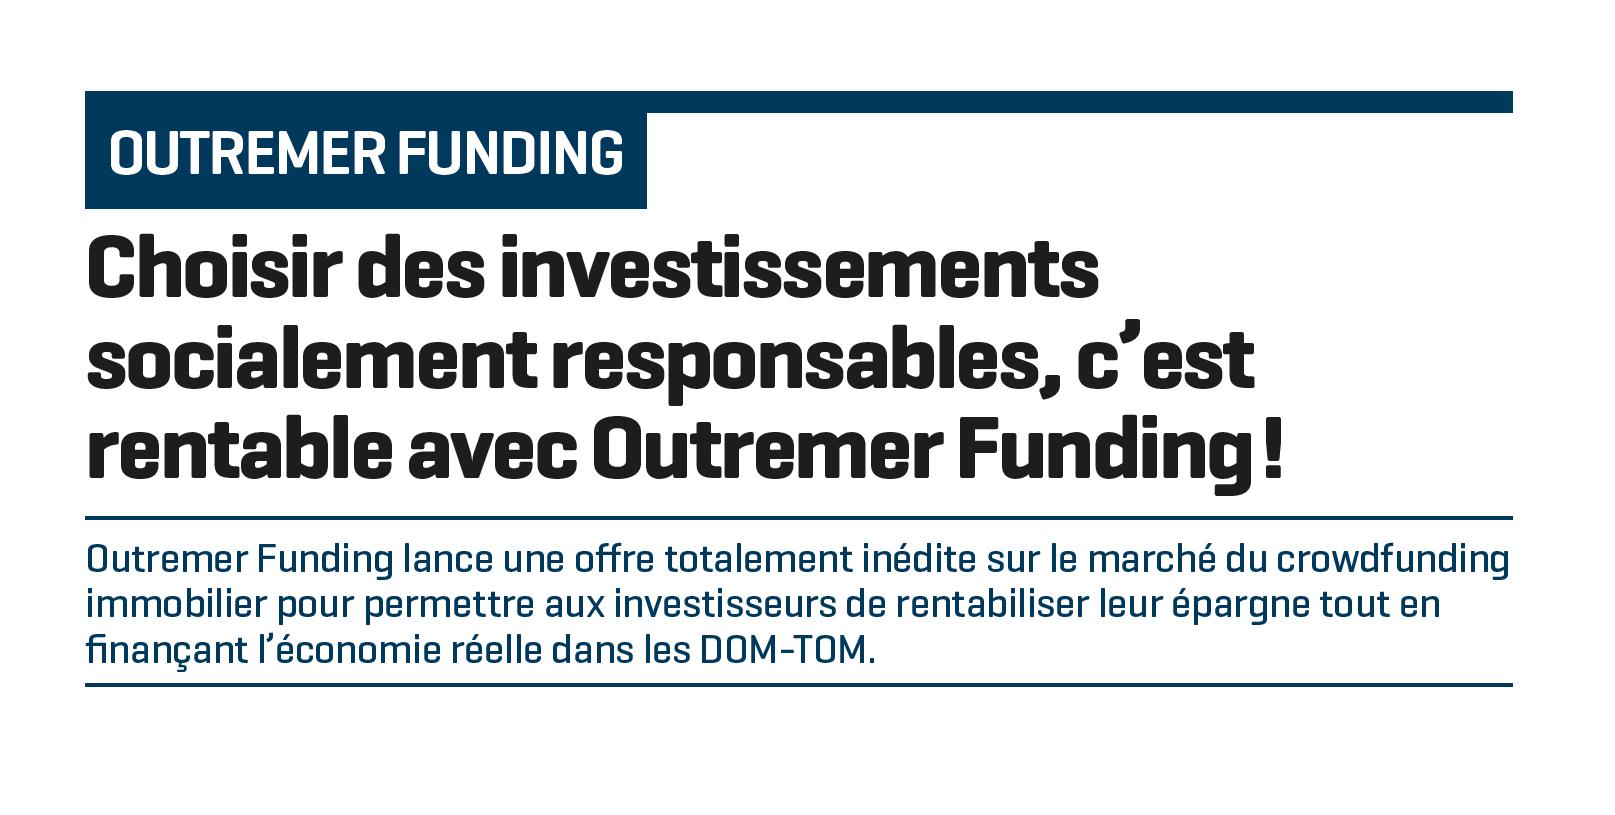 Choisir des investissements socialement responsables, c'est rentable avec Outremer Funding !